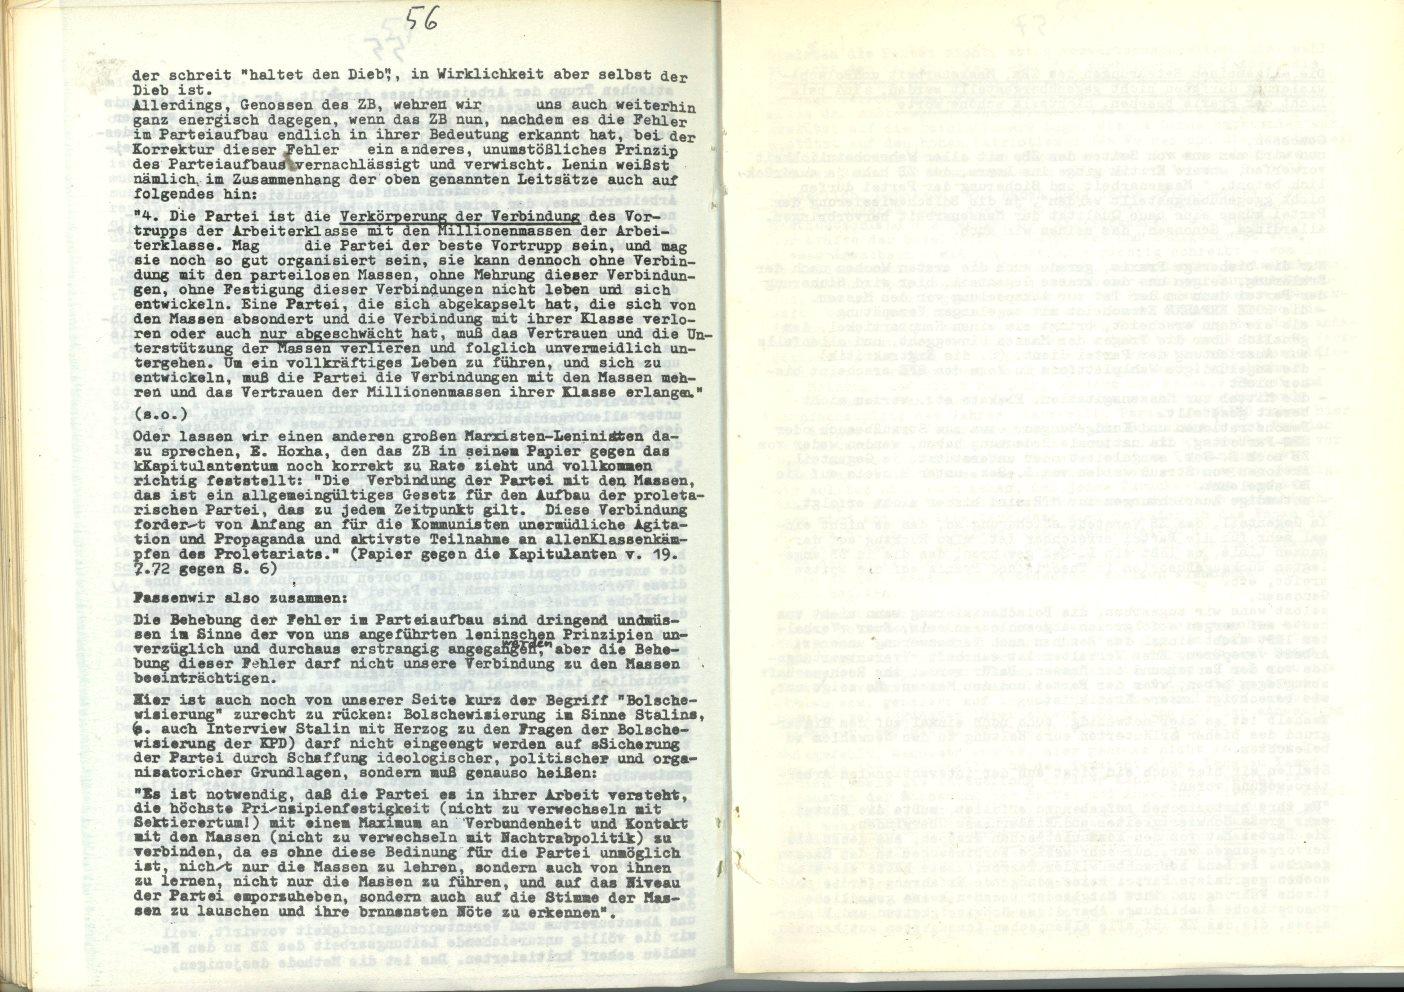 ZB_1972_Diskussionsorgan_zur_ersten_Parteikonferenz_31